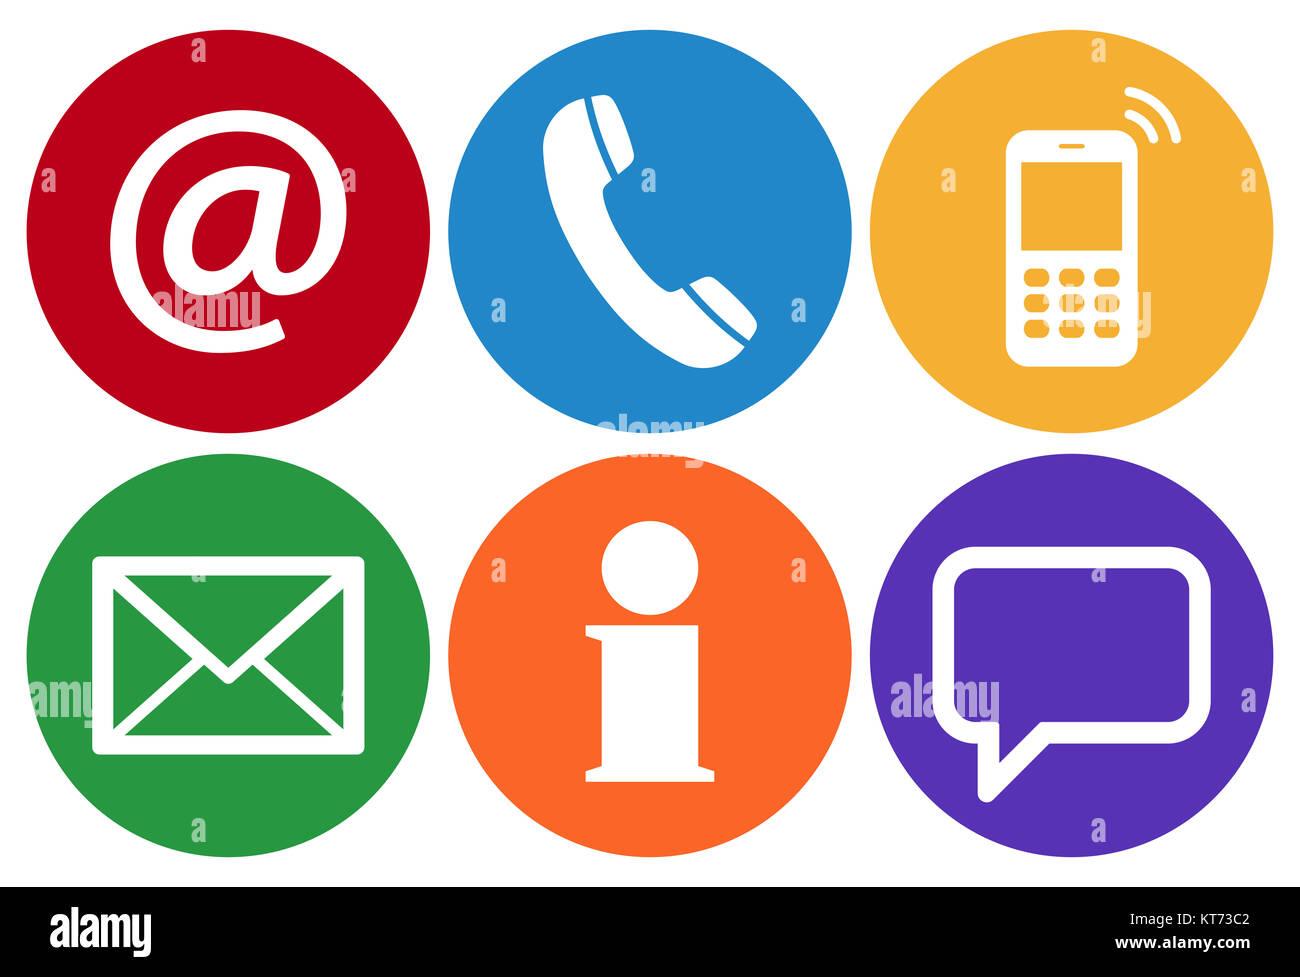 Contattaci, set di sei icone bianche in cerchi colorati Foto Stock